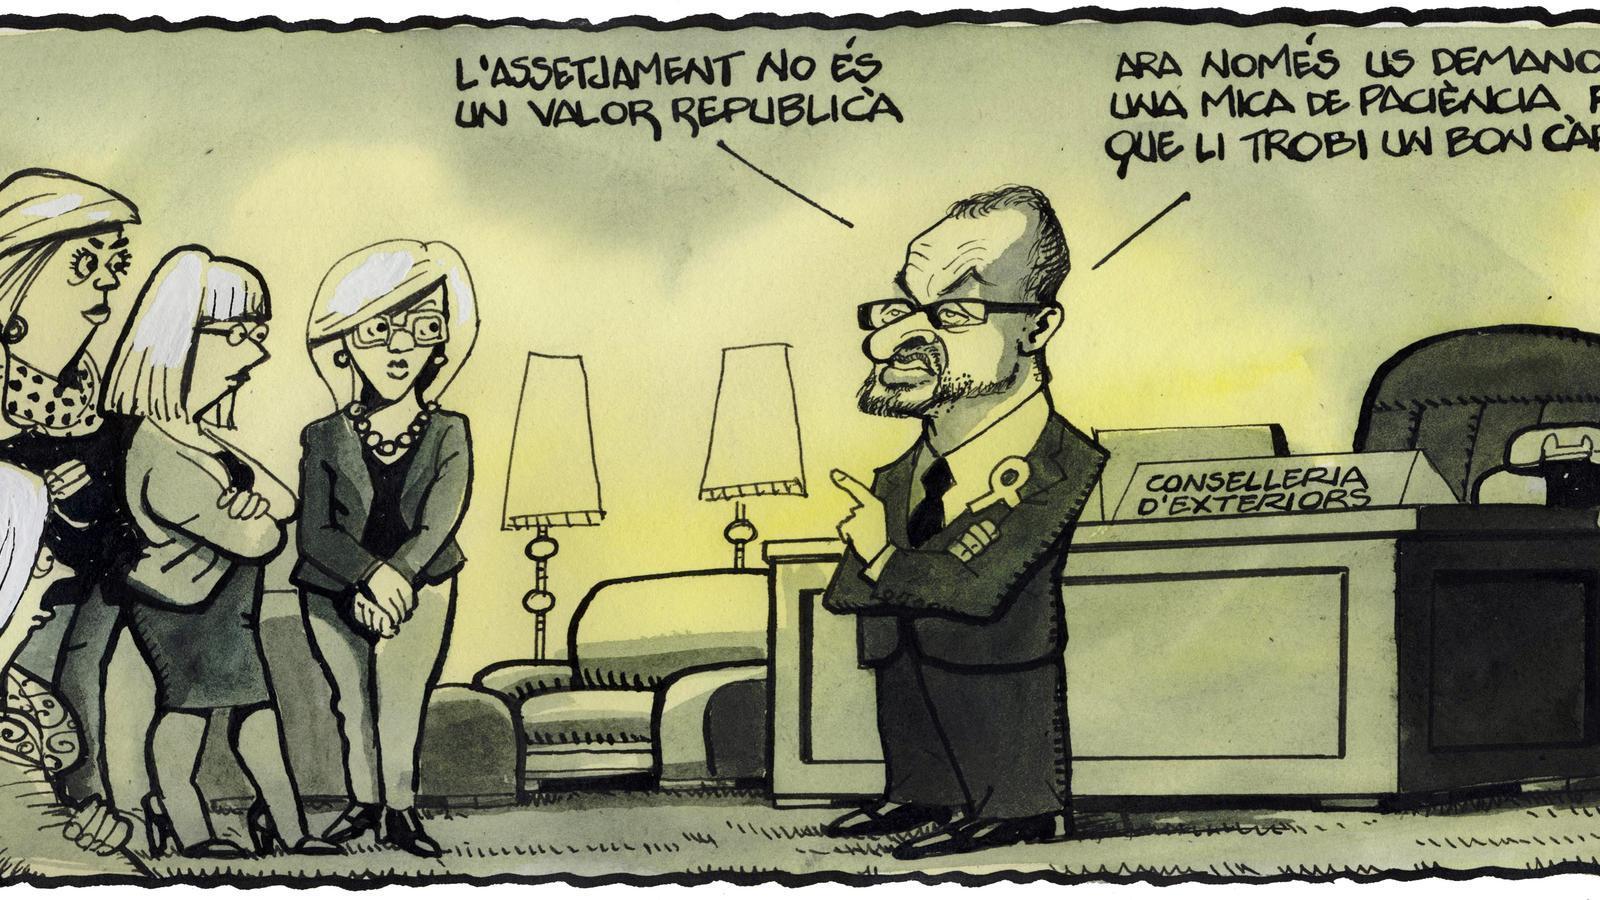 'A la contra', per Ferreres 10/03/2020